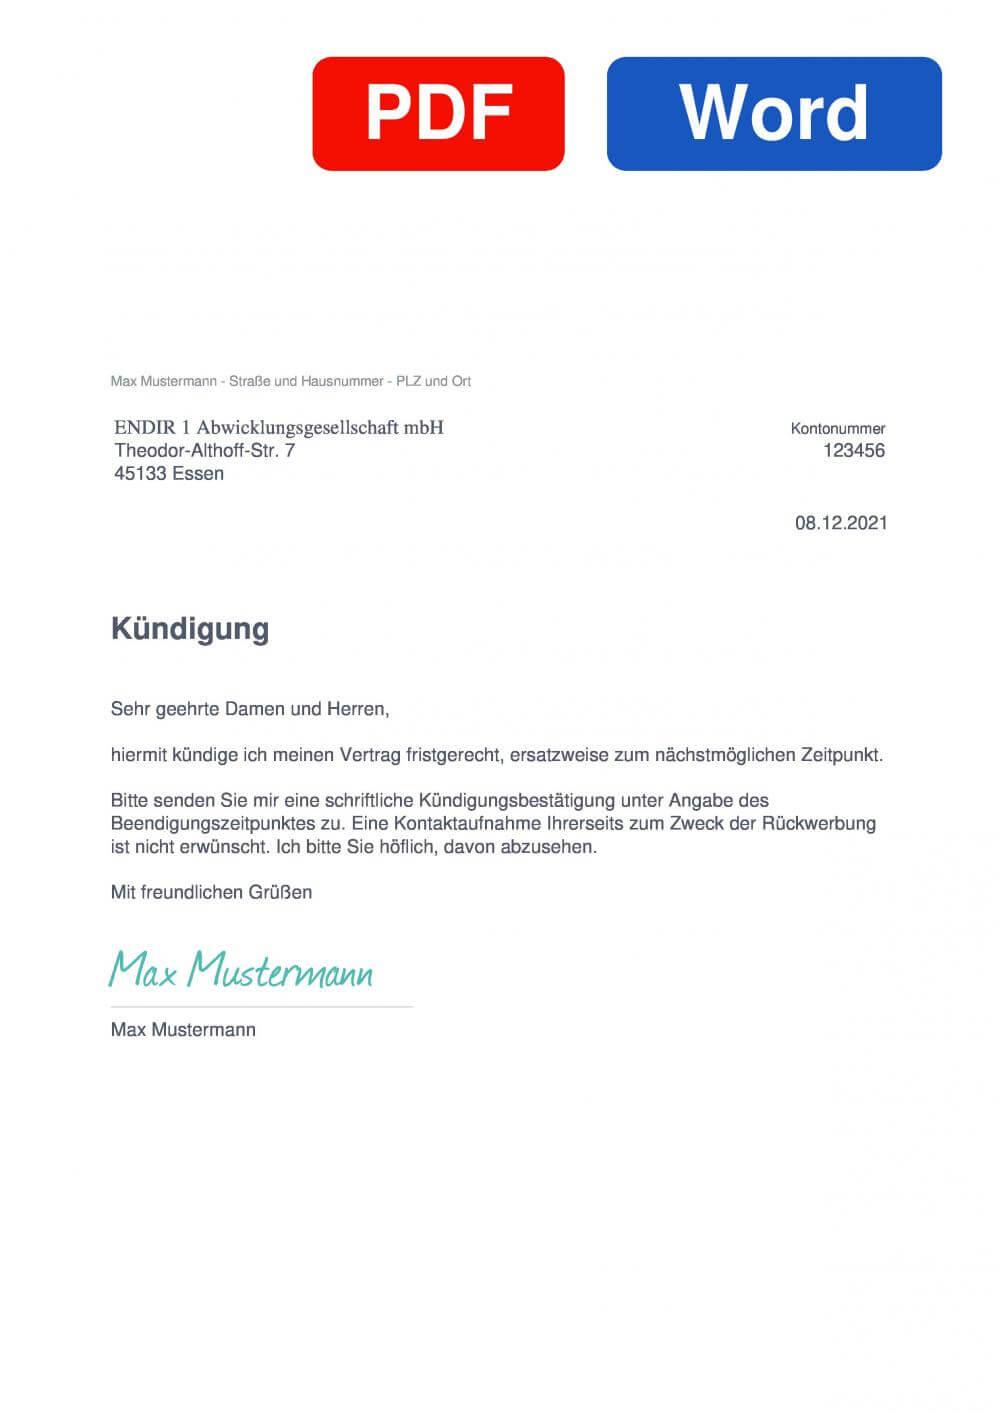 Valovis Bank Muster Vorlage für Kündigungsschreiben